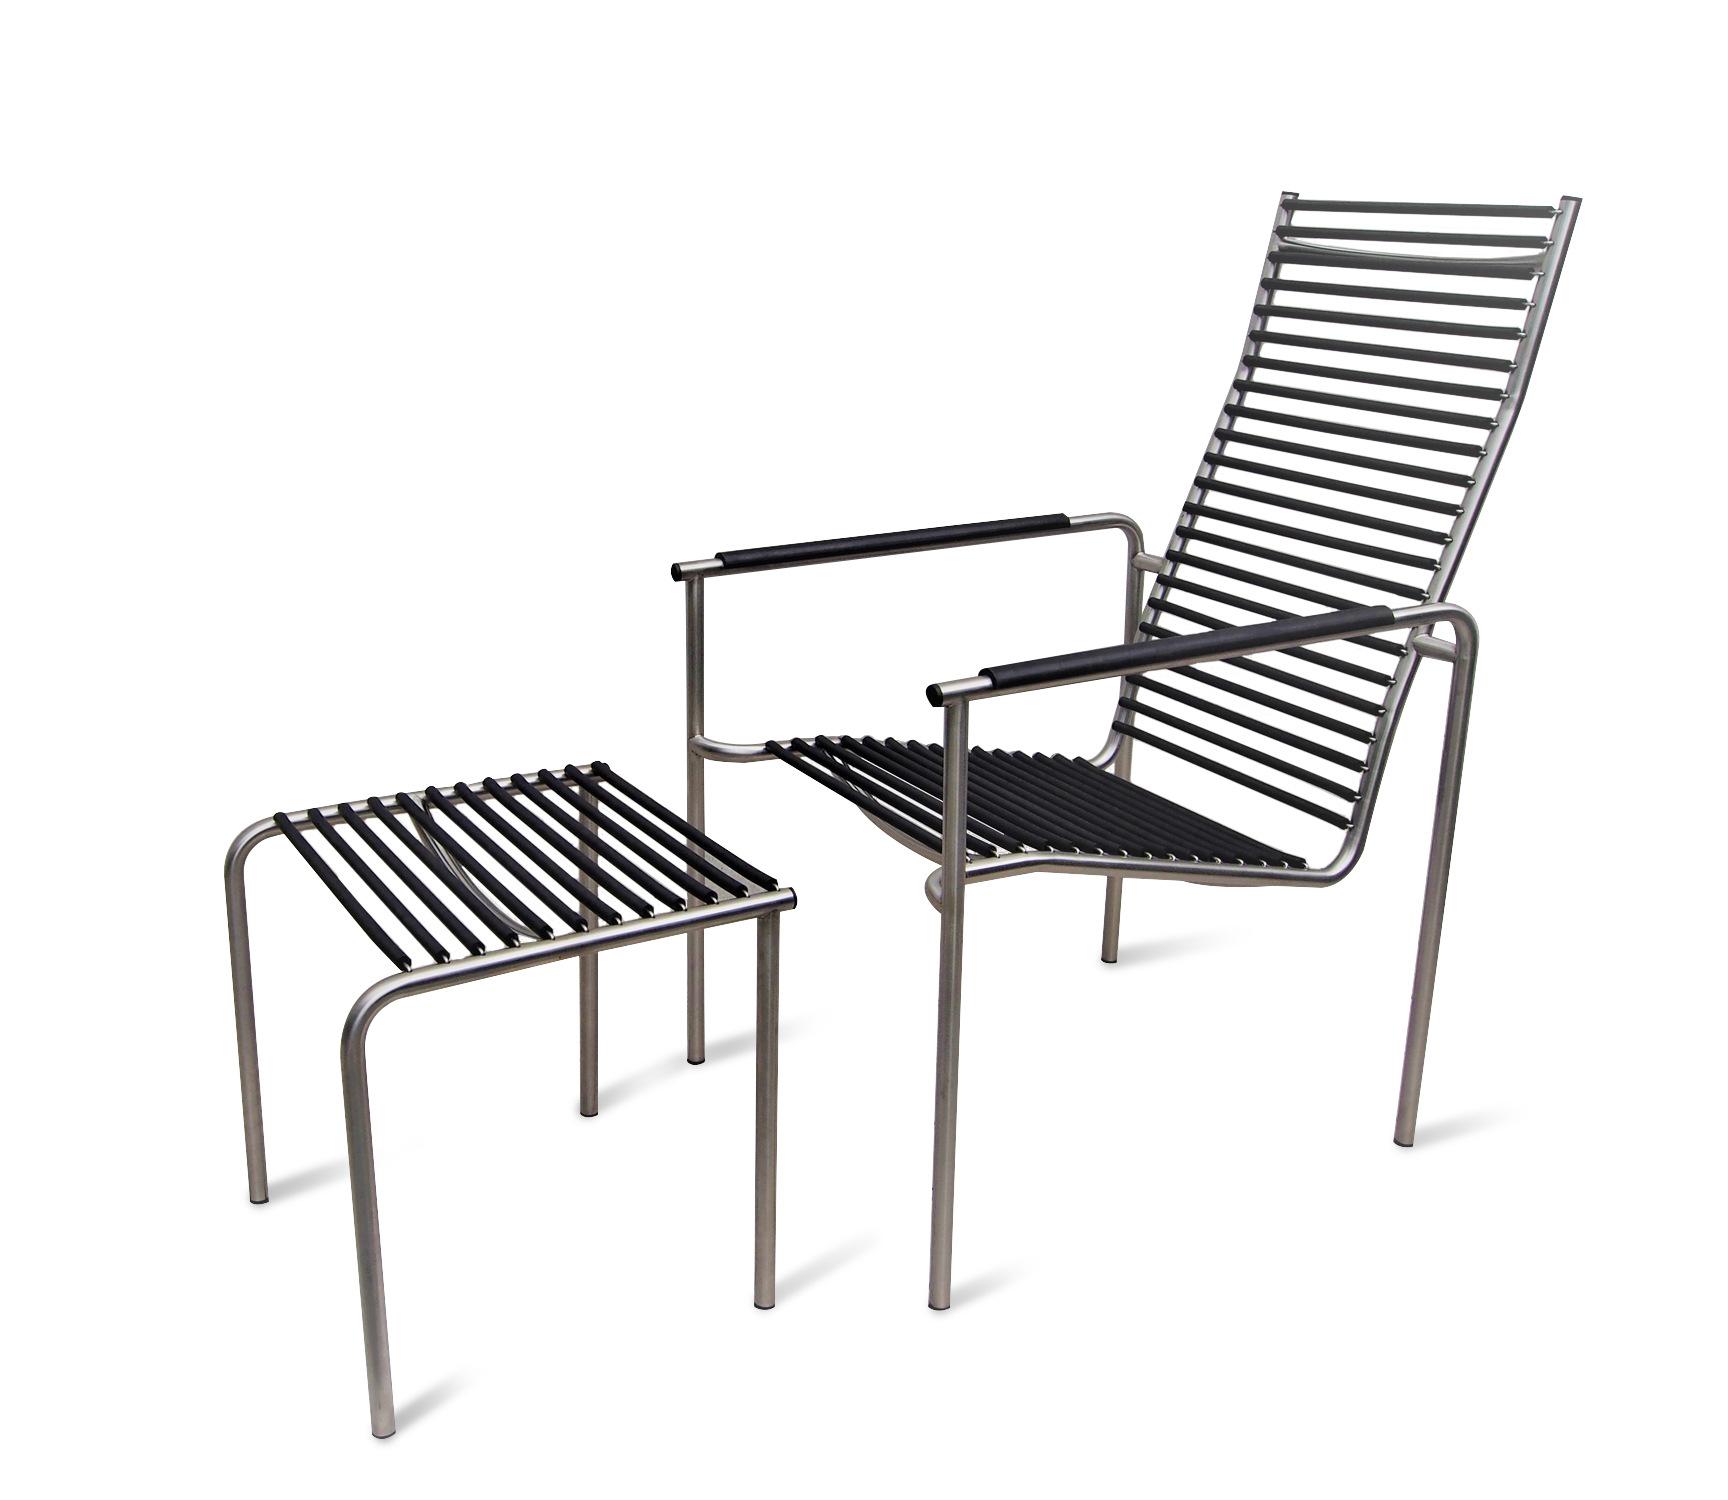 1531937314-gartenmoebel-fauteuil-romeo-mit-hocker.jpg